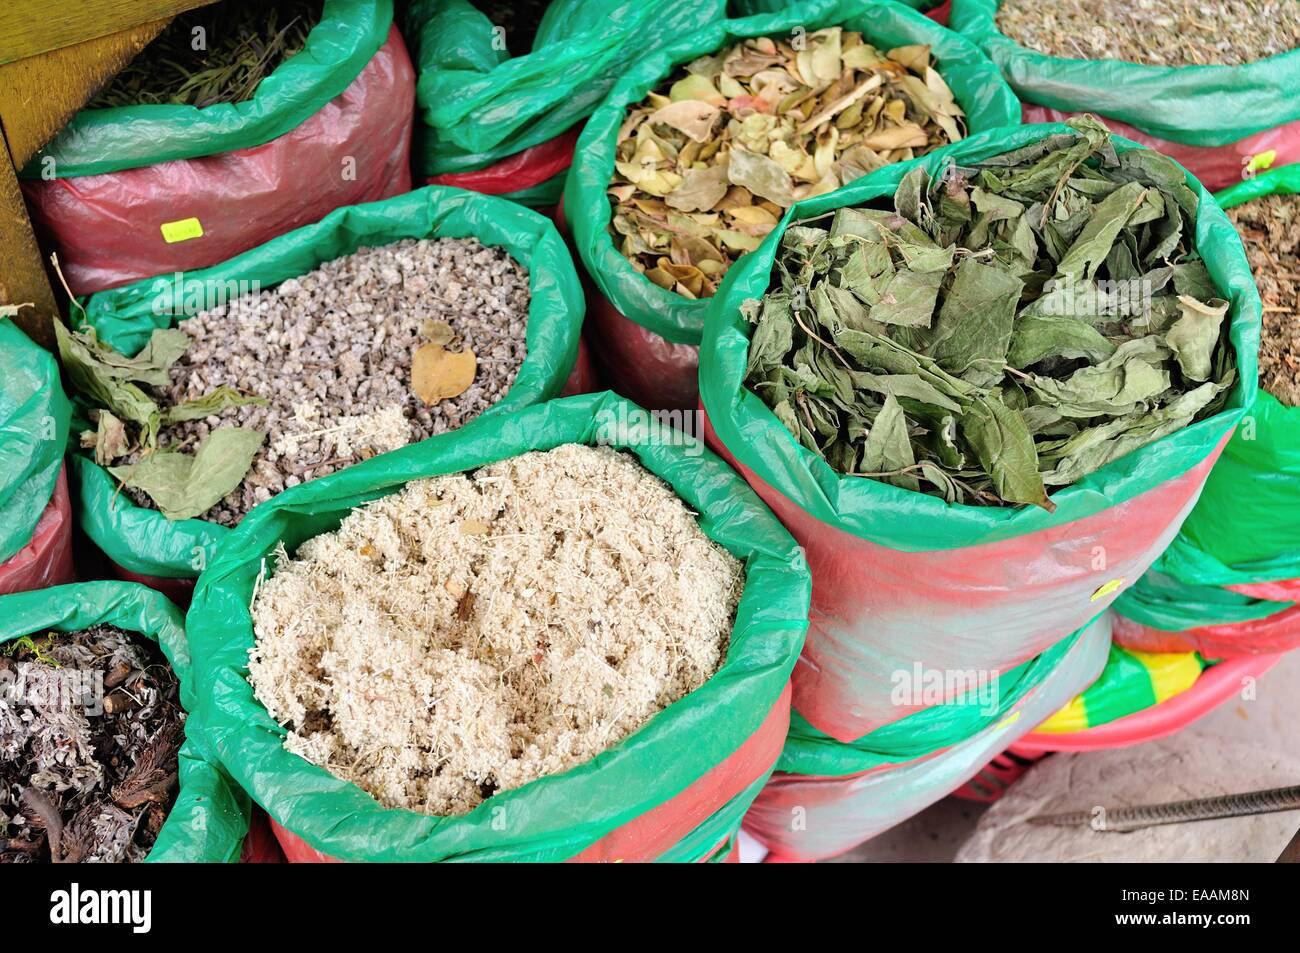 Plantas medicinales flor blanca , eucalipto - Mercado de Tumbes. Departamento de Tumbes .PERÚ Foto de stock